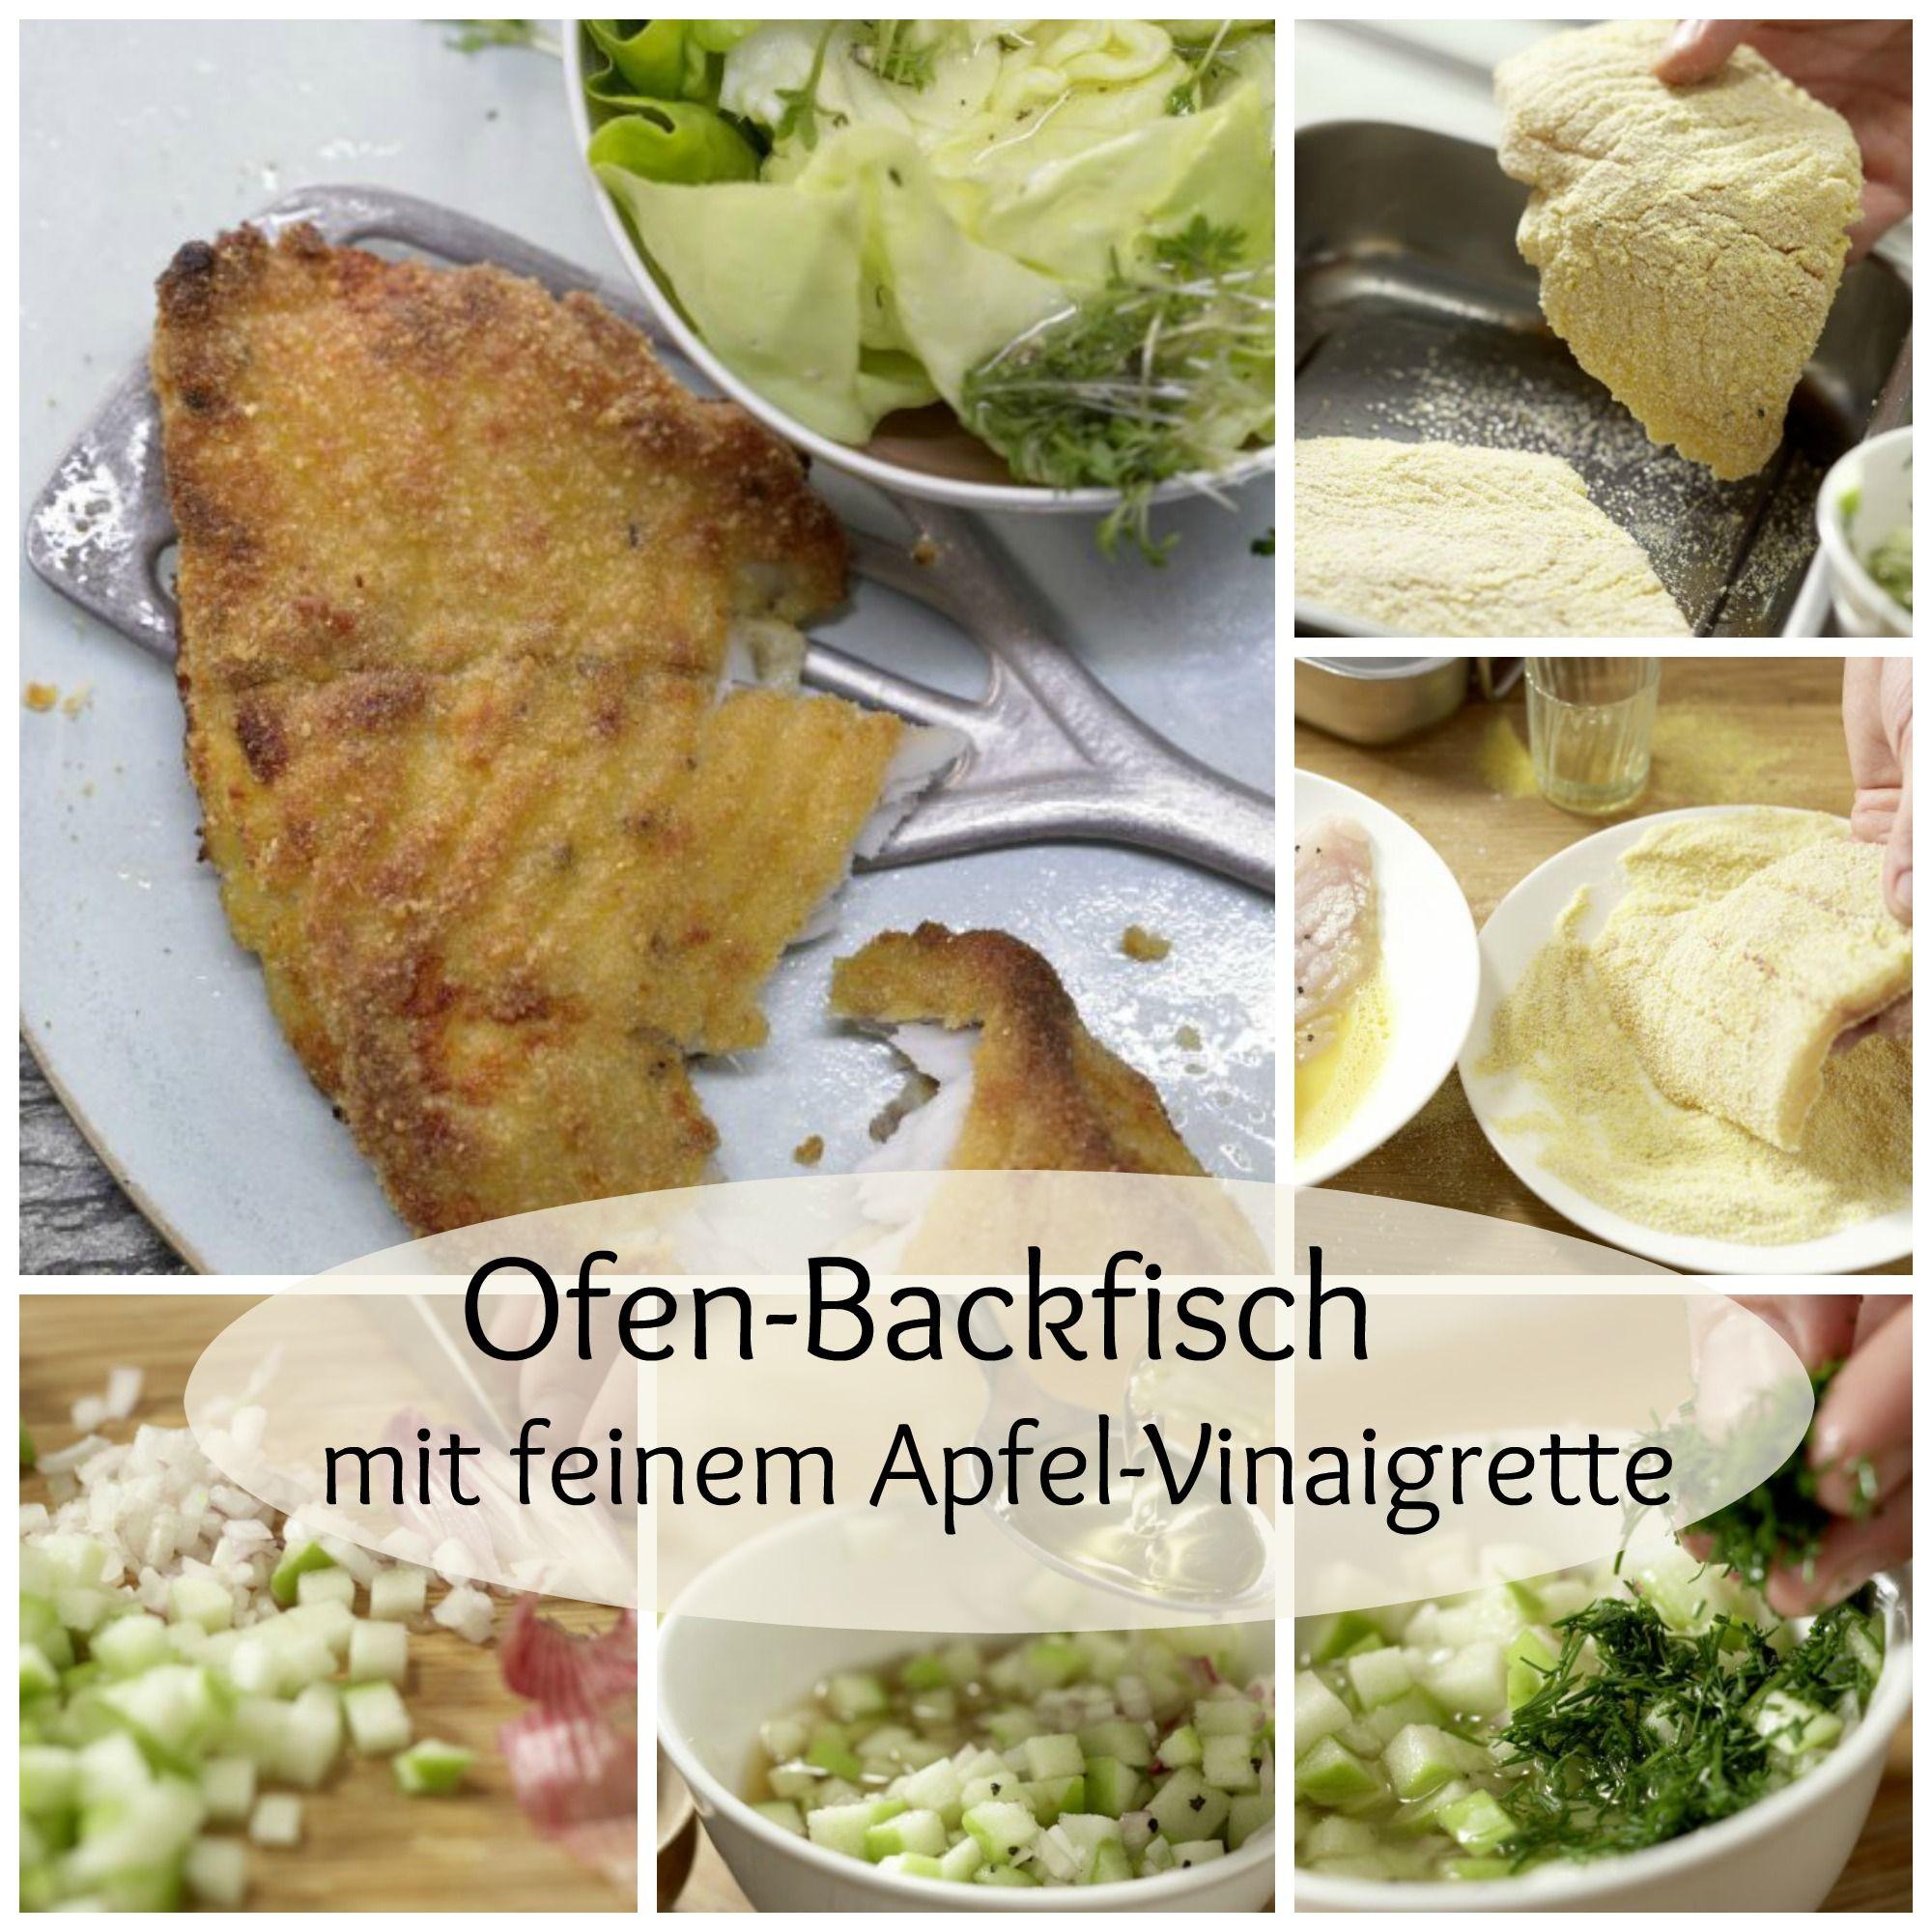 525e766b7b61413cd689d51f17b7796a - Backfisch Rezepte